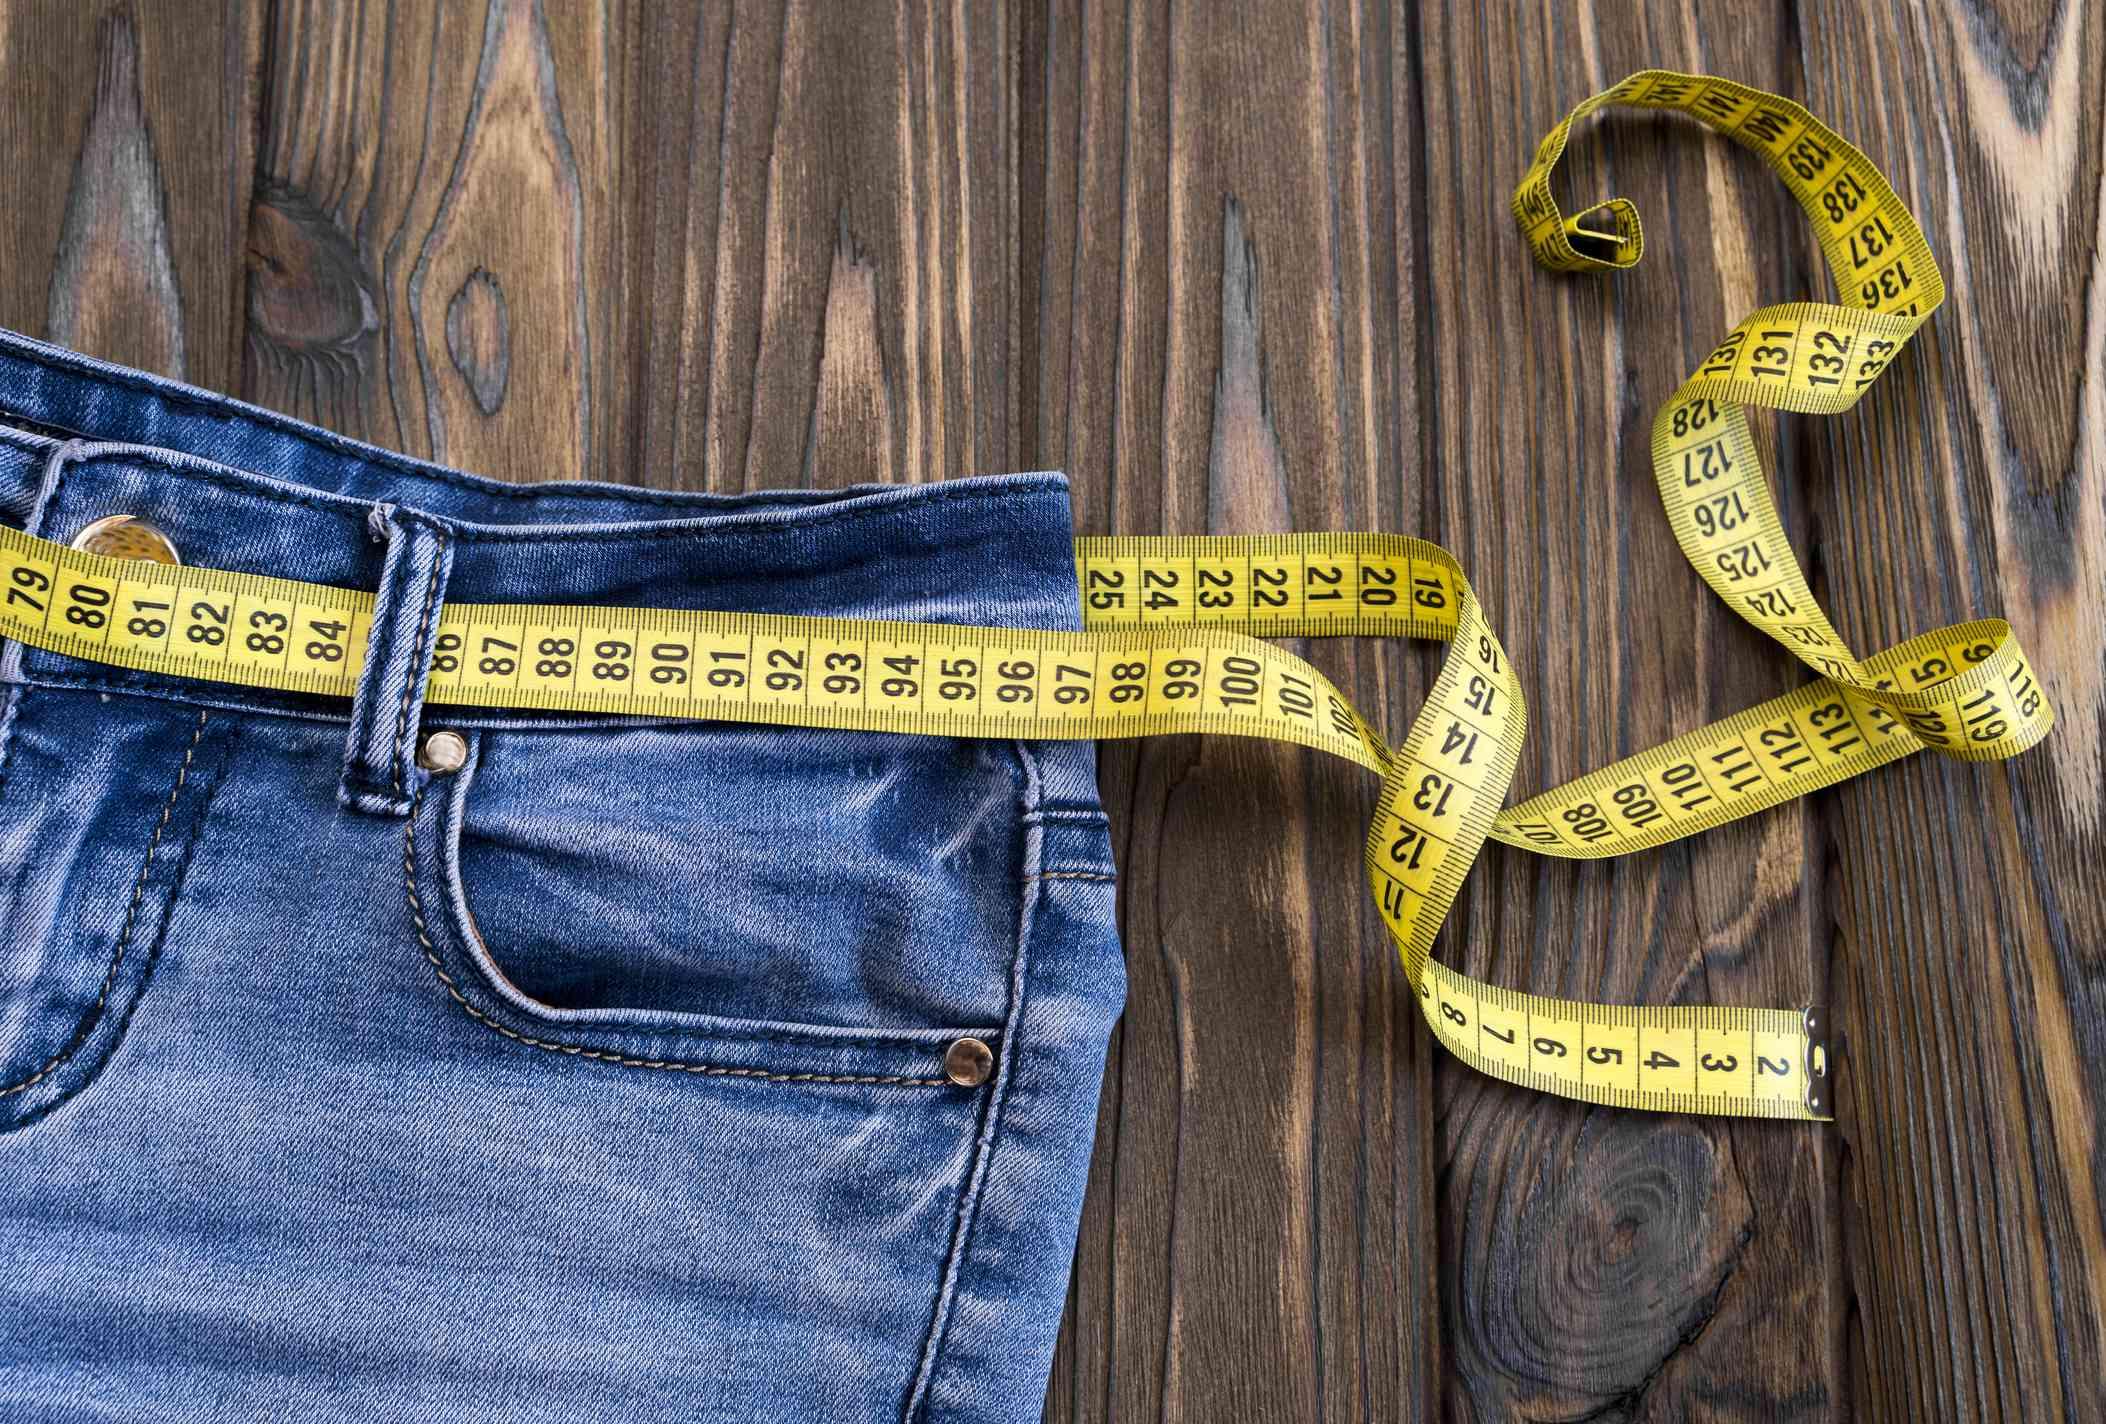 jeans, centimeter on a wooden background. diet. waist